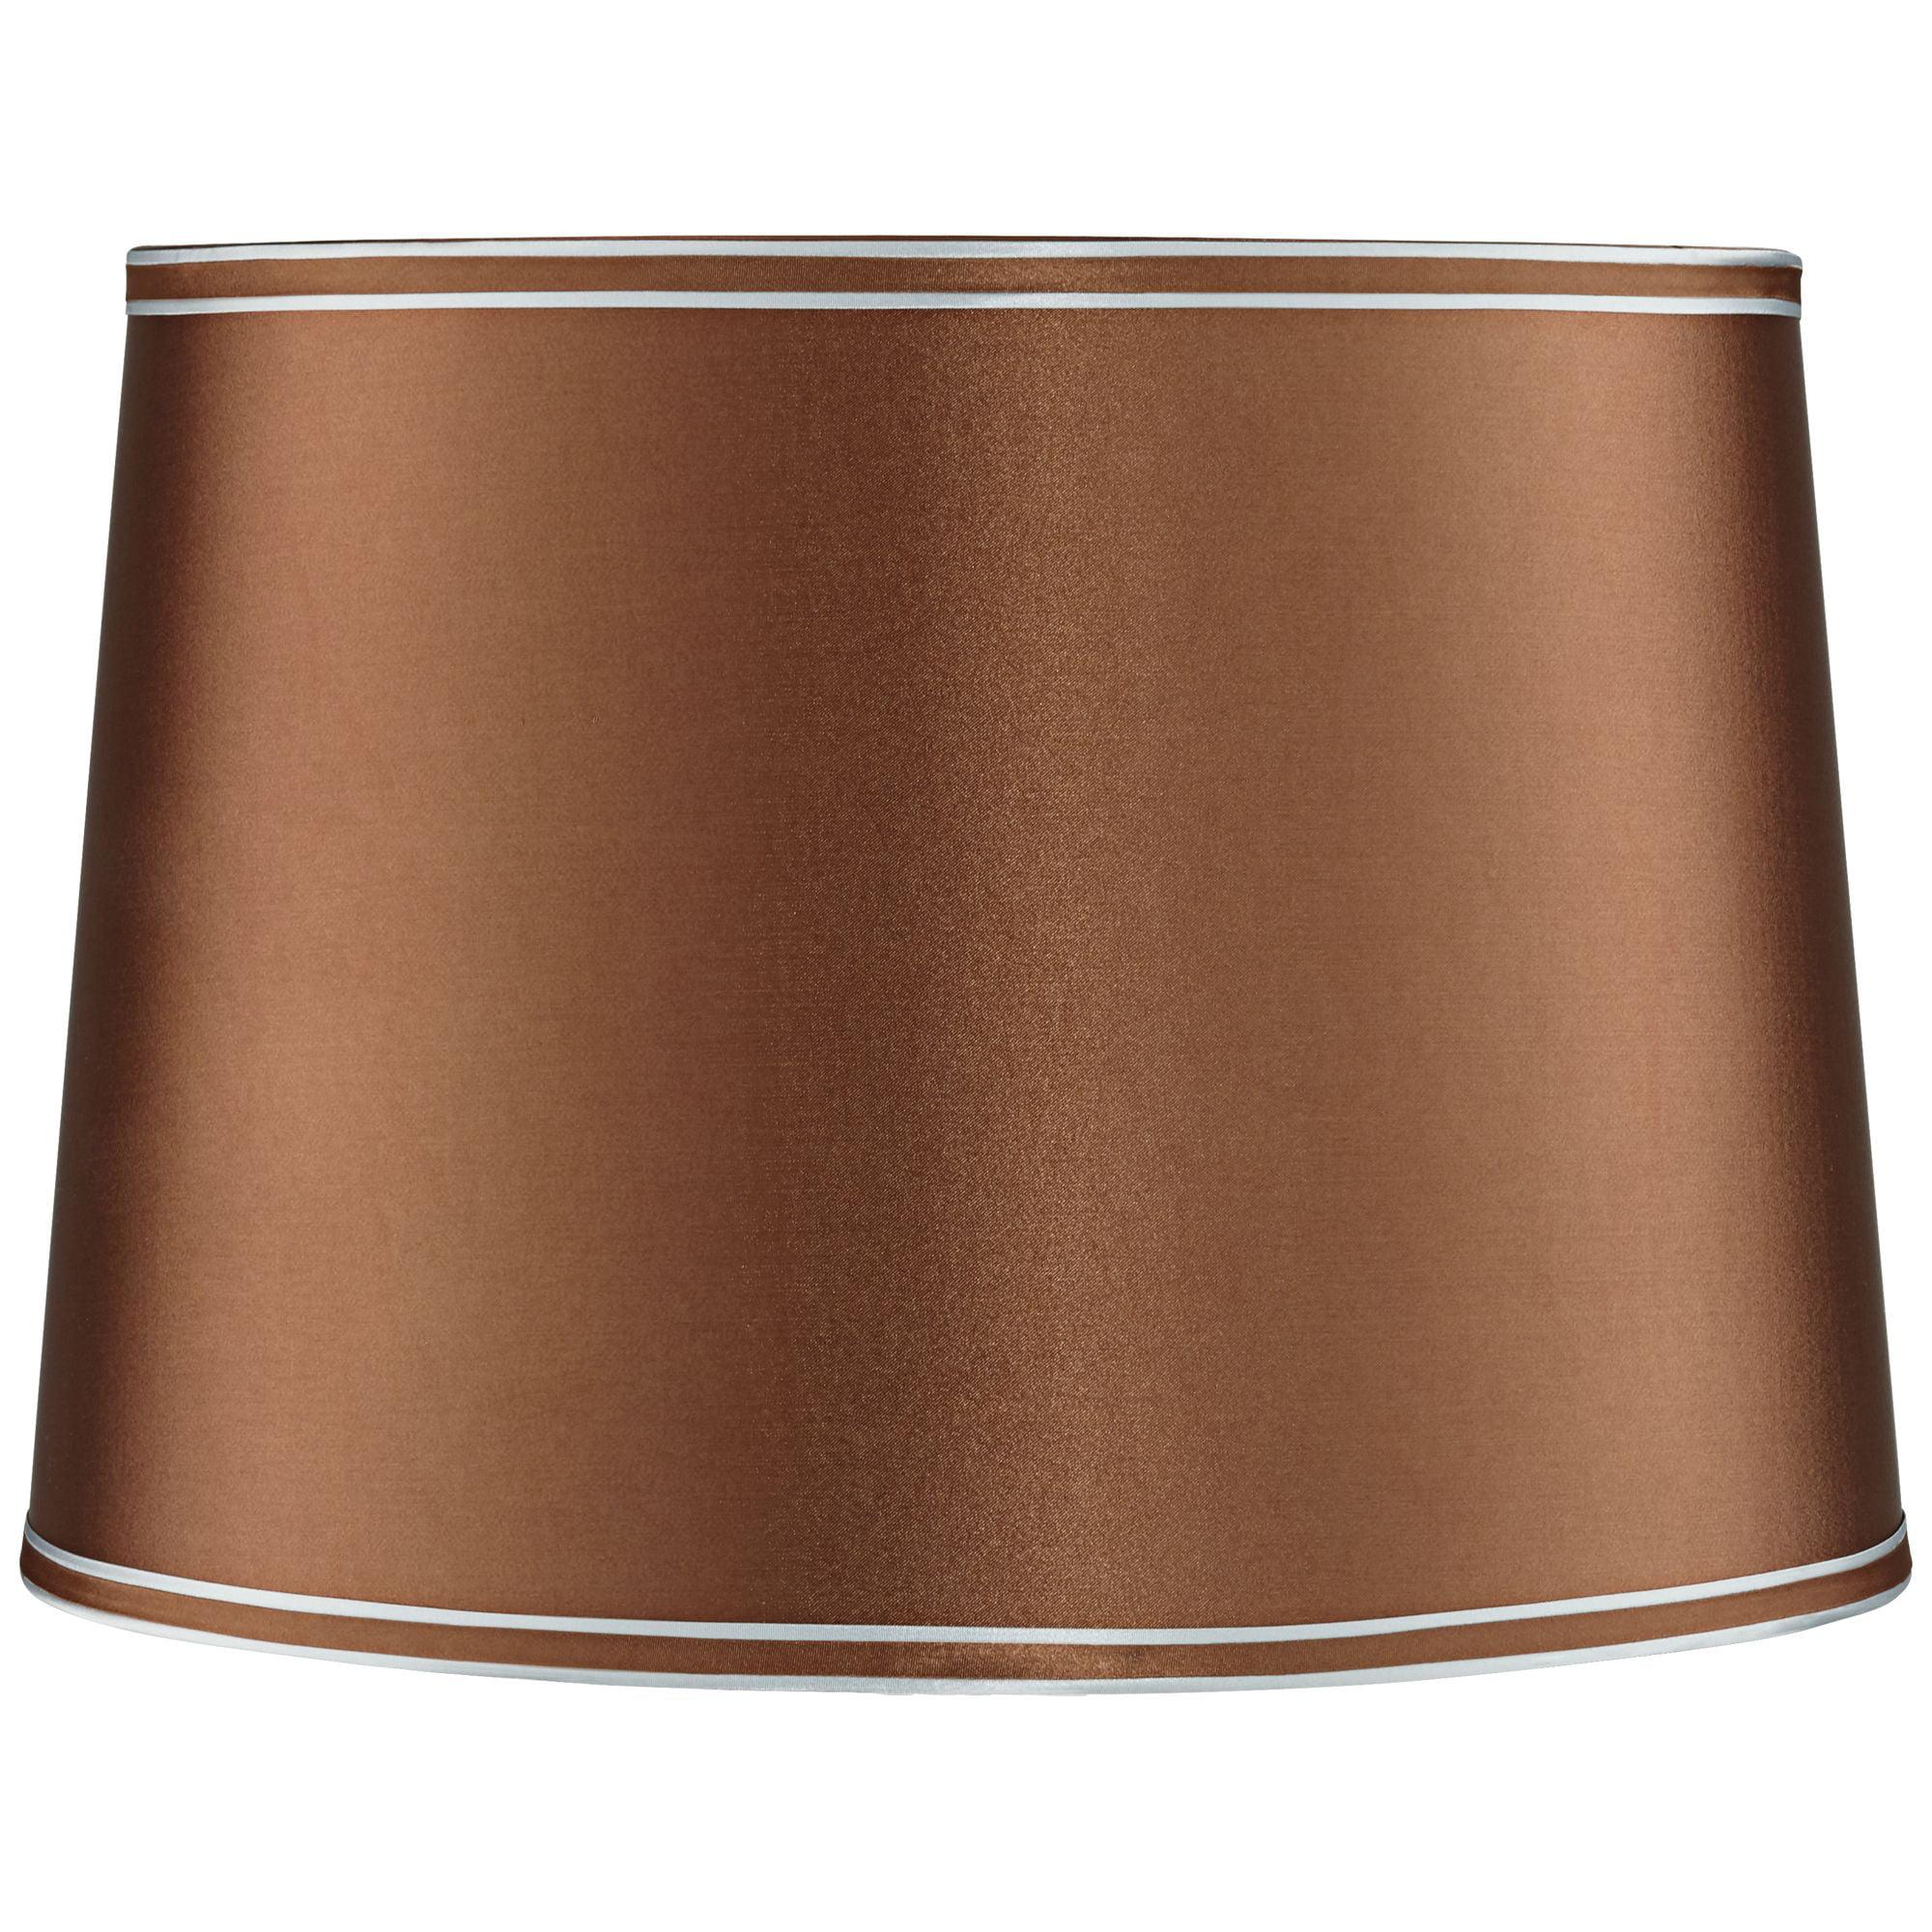 Springcrest Copper Drum Lamp Shade 14X16x11 (Spider)